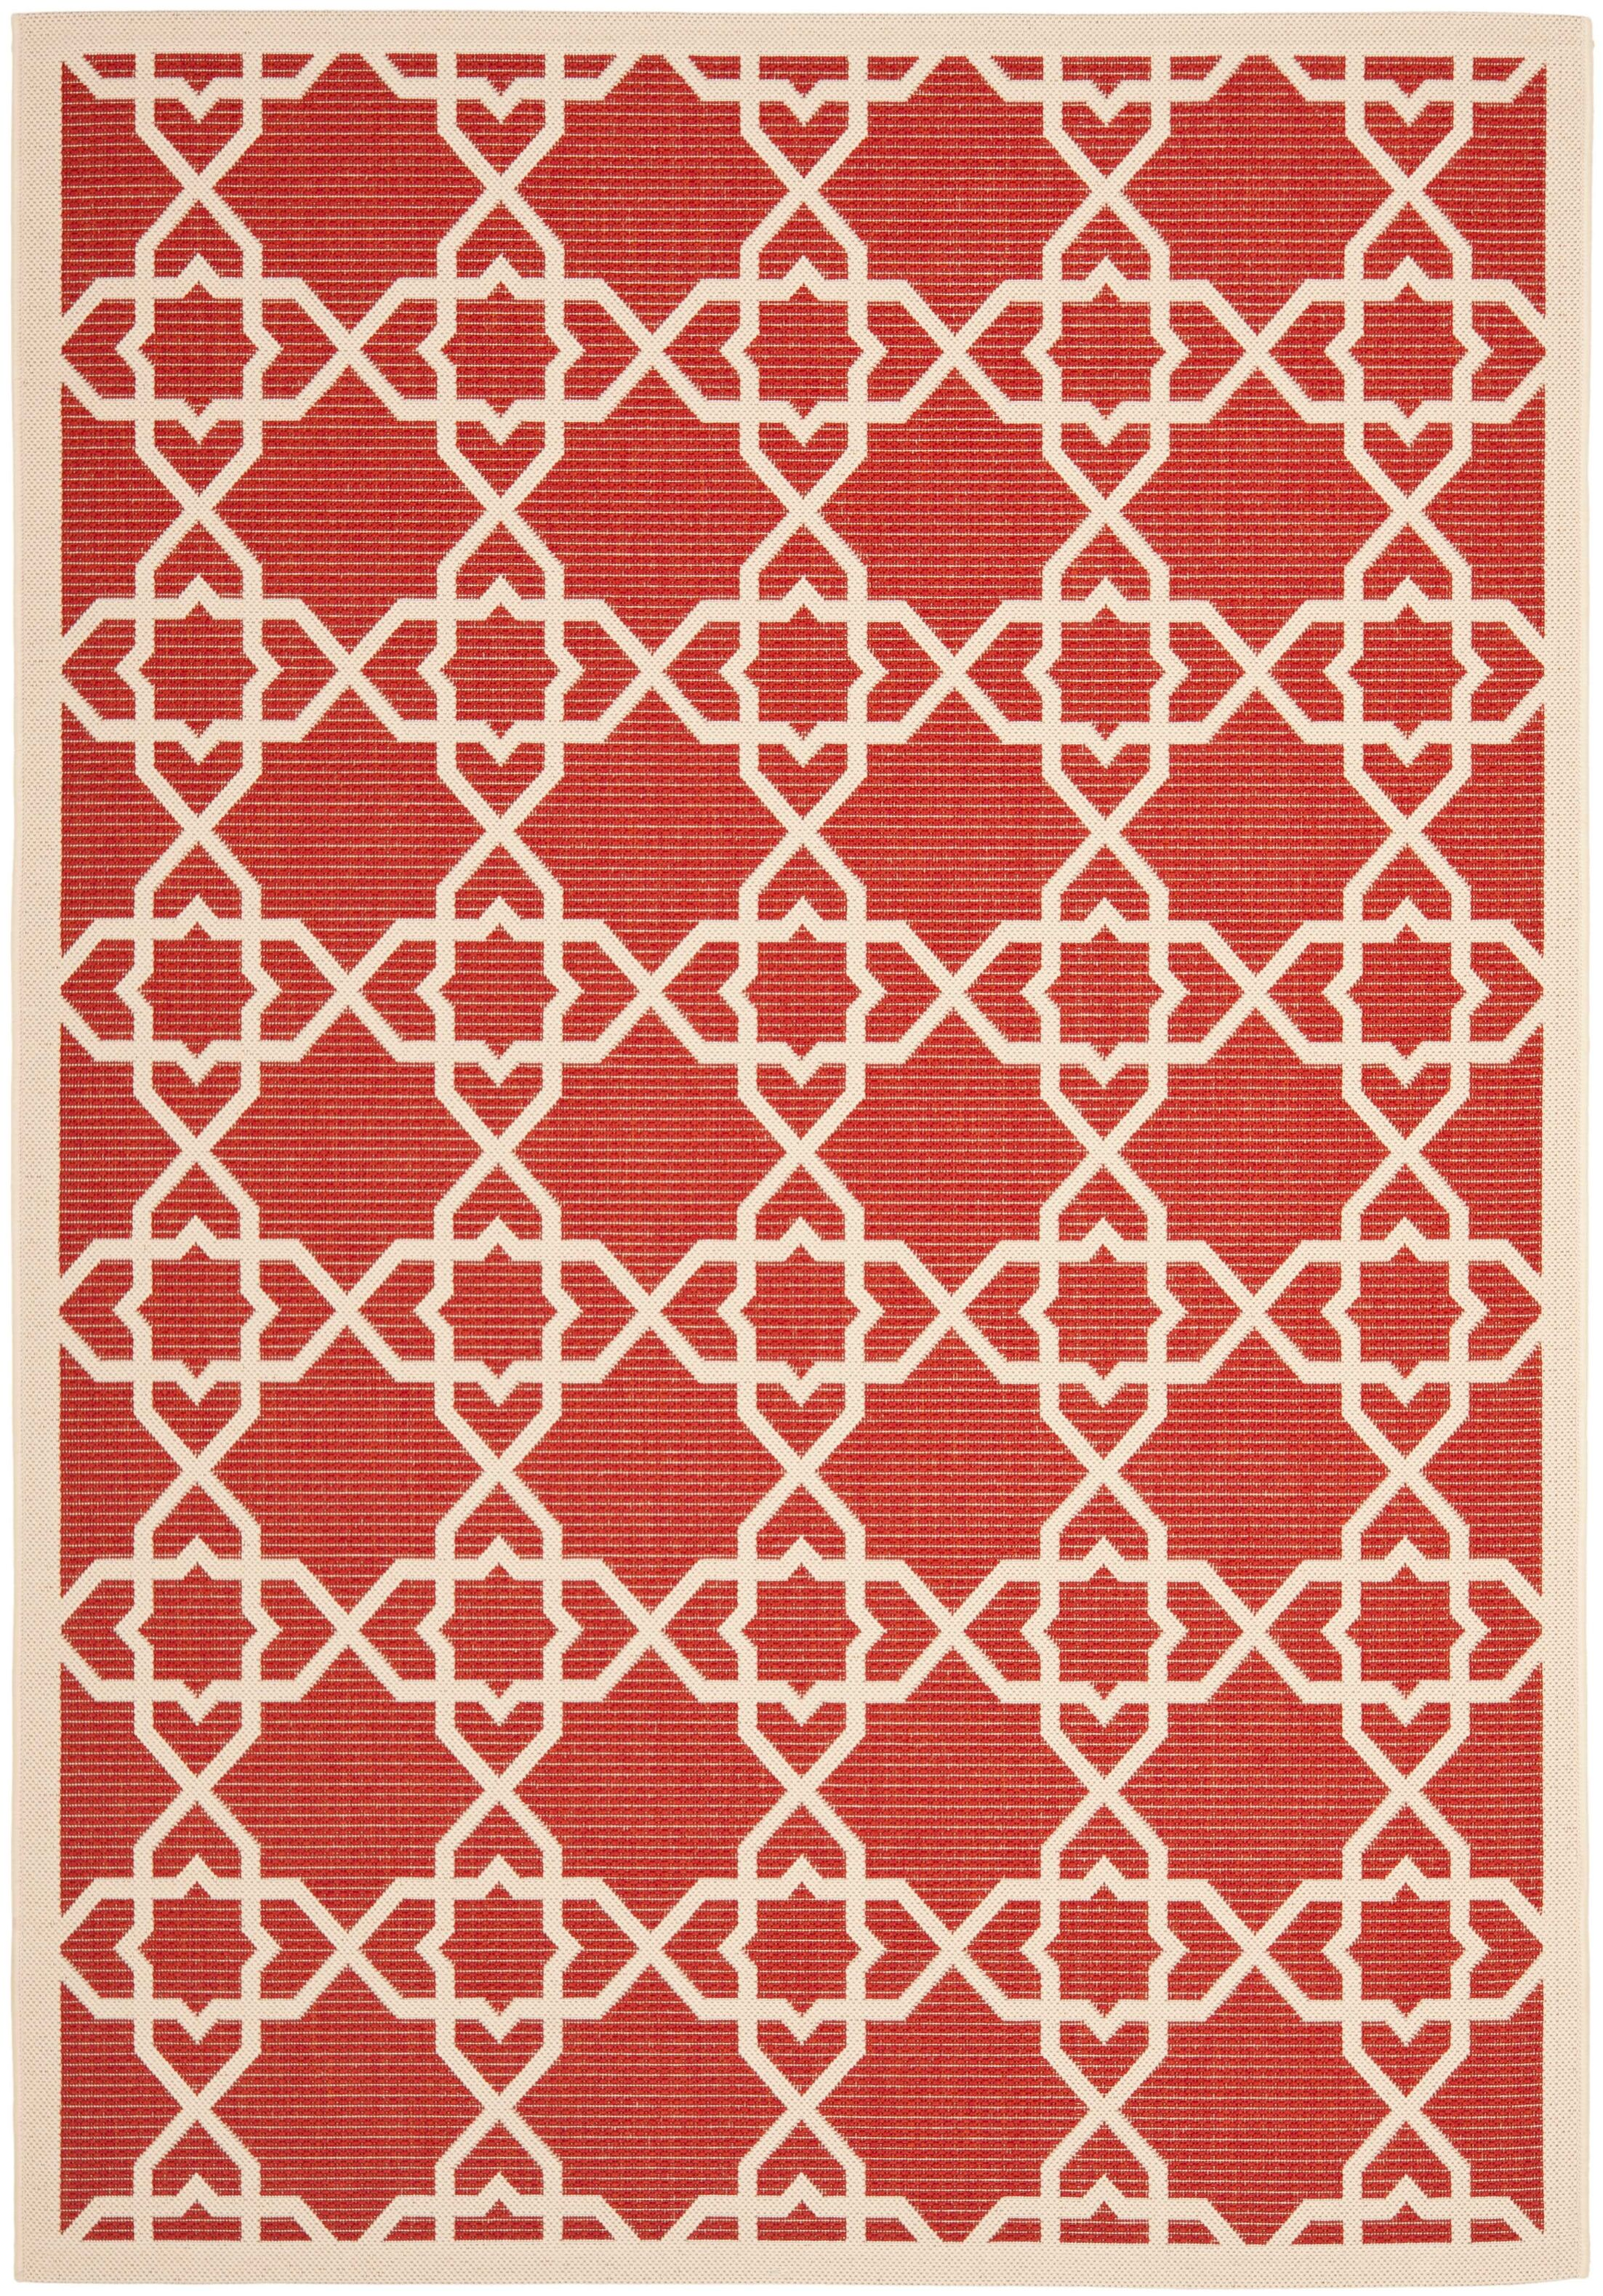 Ceri Machine Woven Red/Beige Indoor/Outdoor Rug Rug Size: Rectangle 9' x 12'6